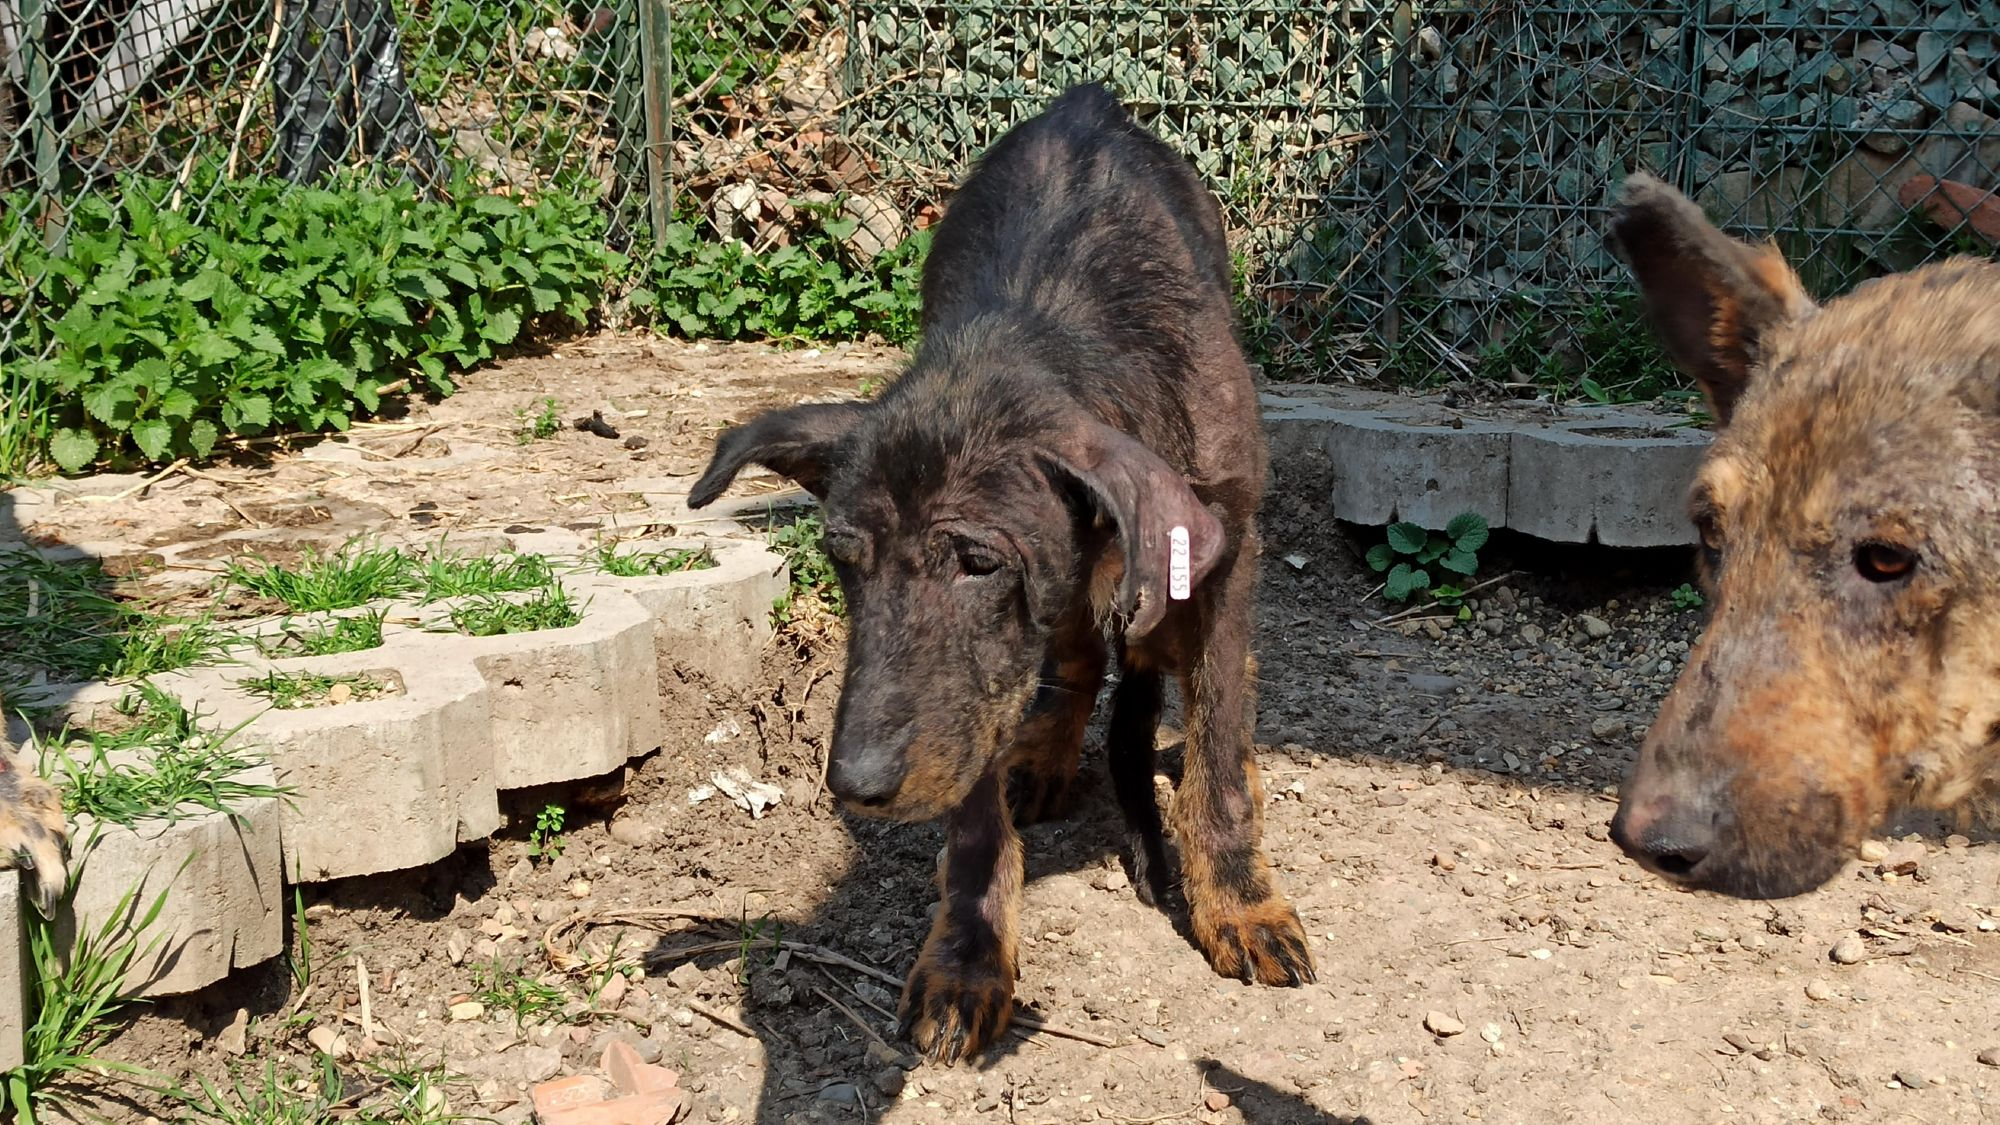 Dog Kovi cowers in fear